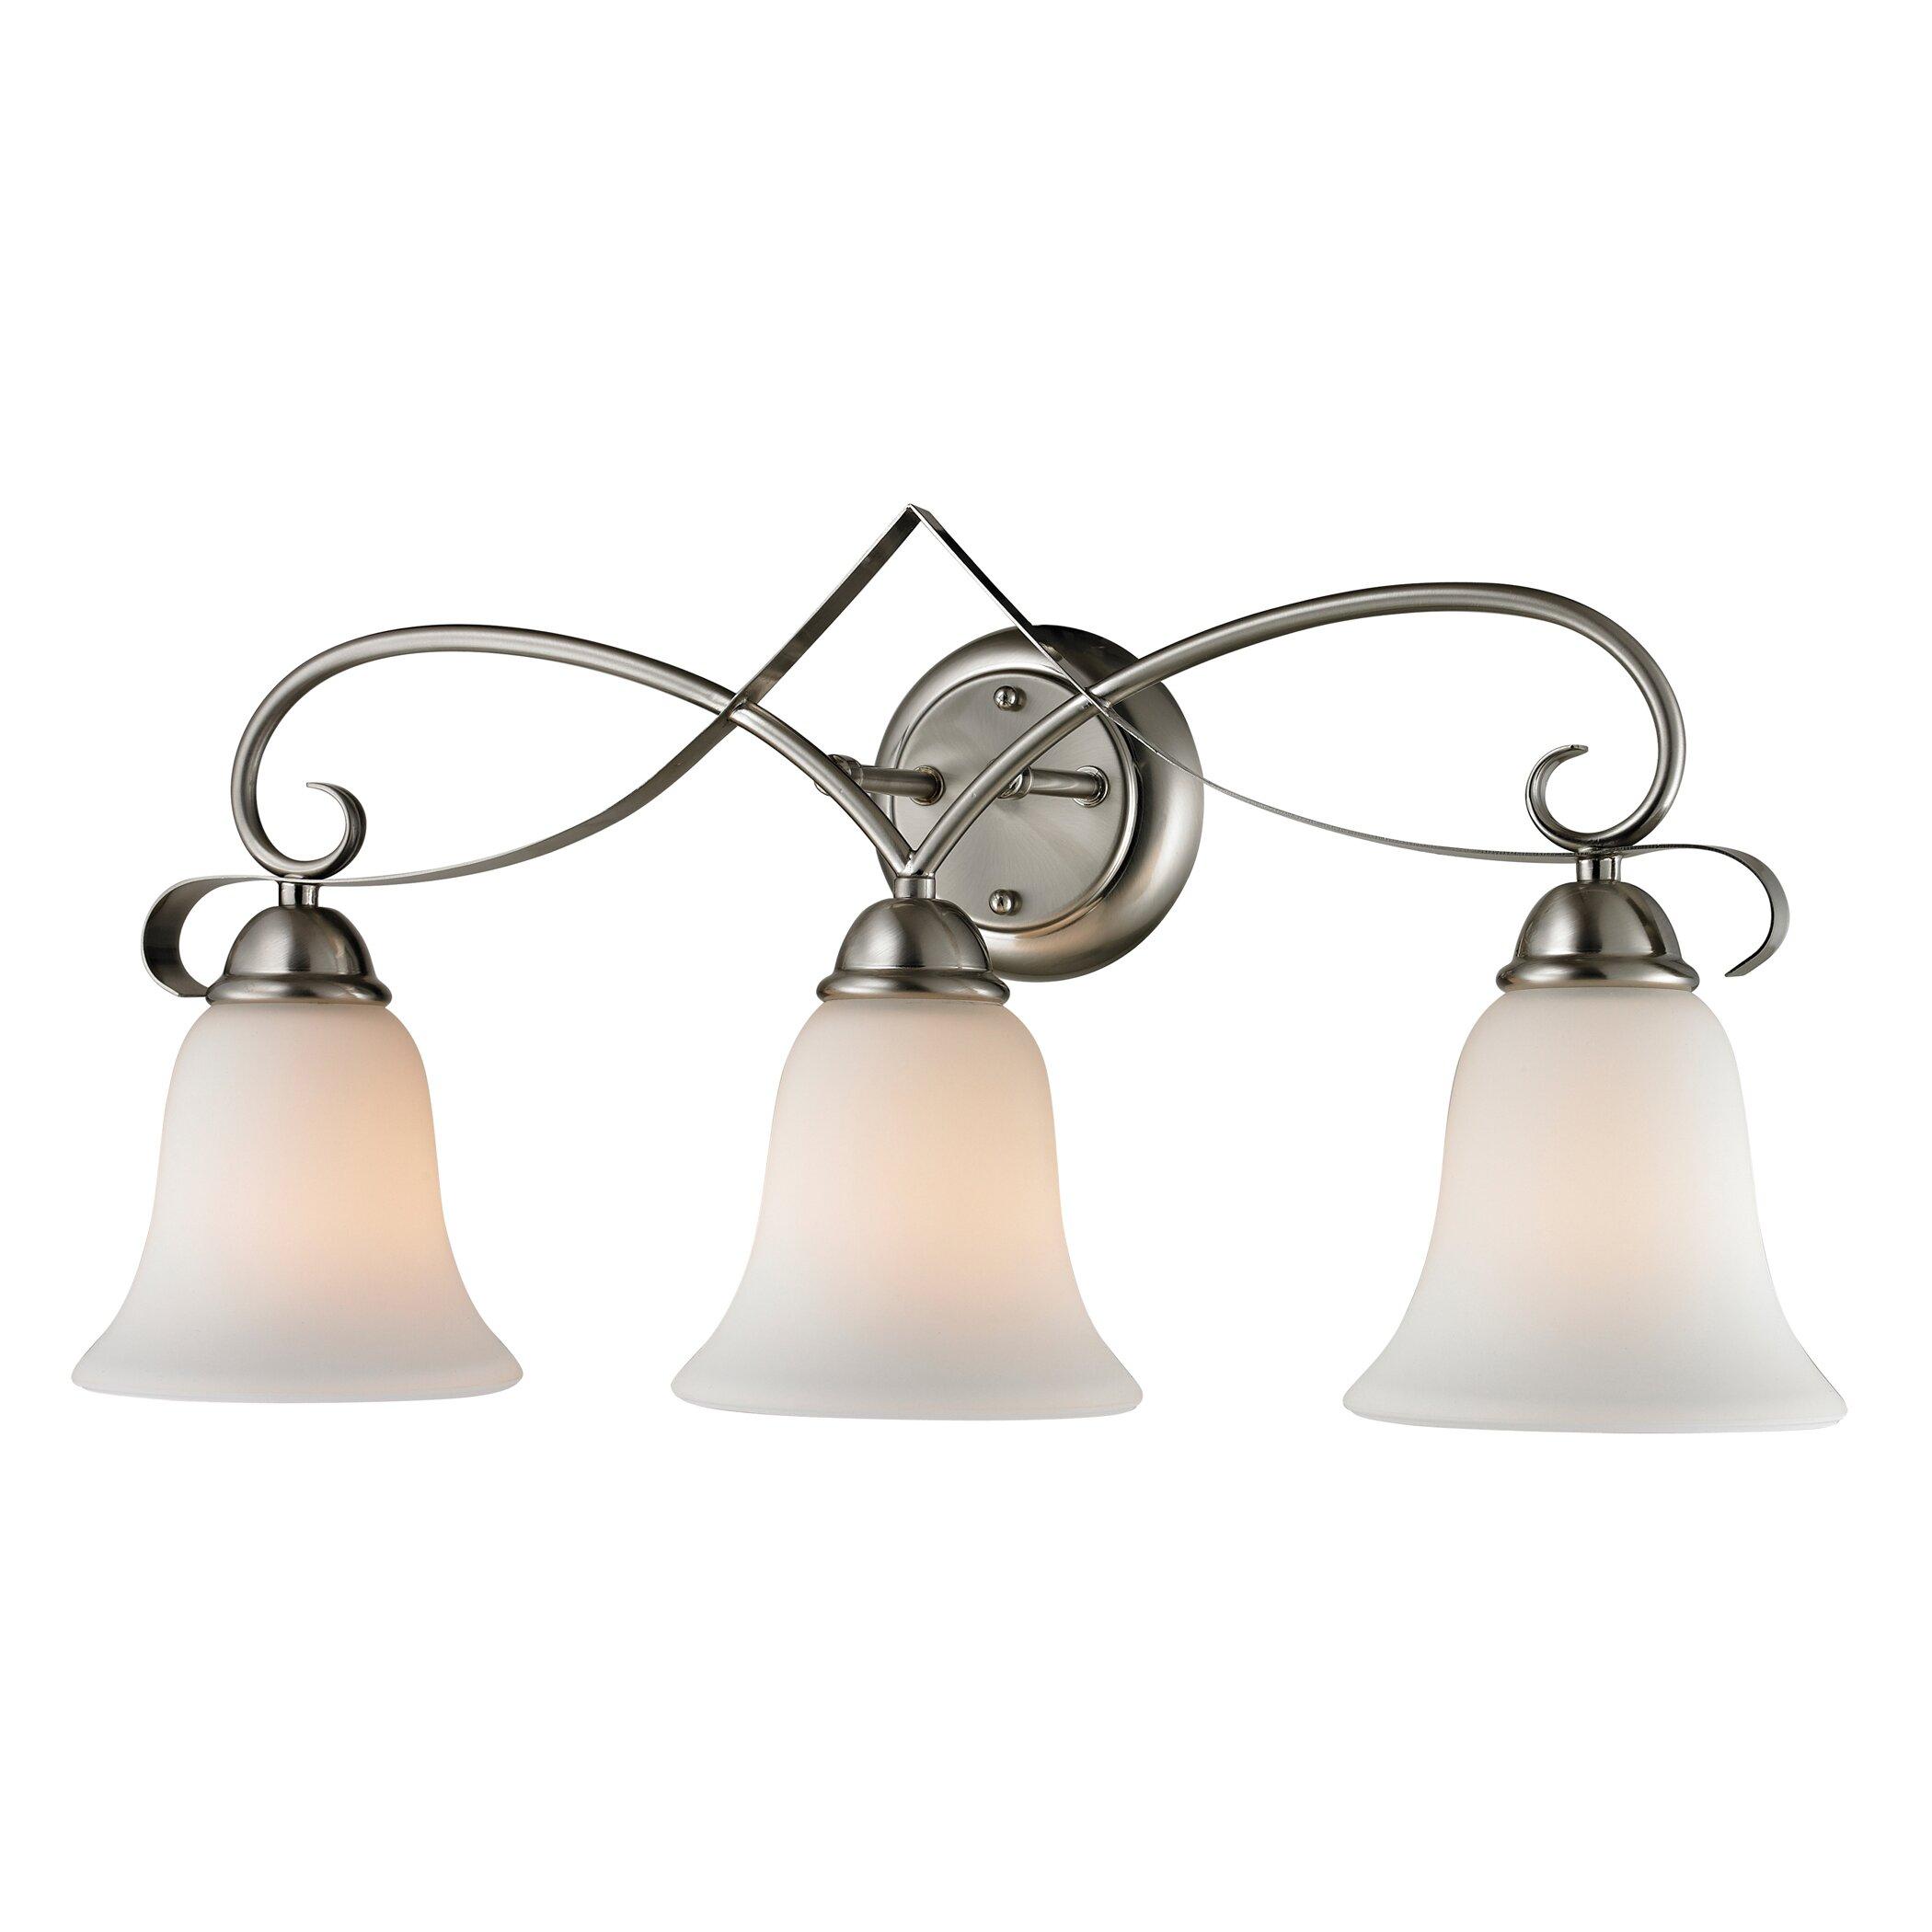 Cornerstone Lighting Brighton 3 Light Vanity Light Reviews Wayfair